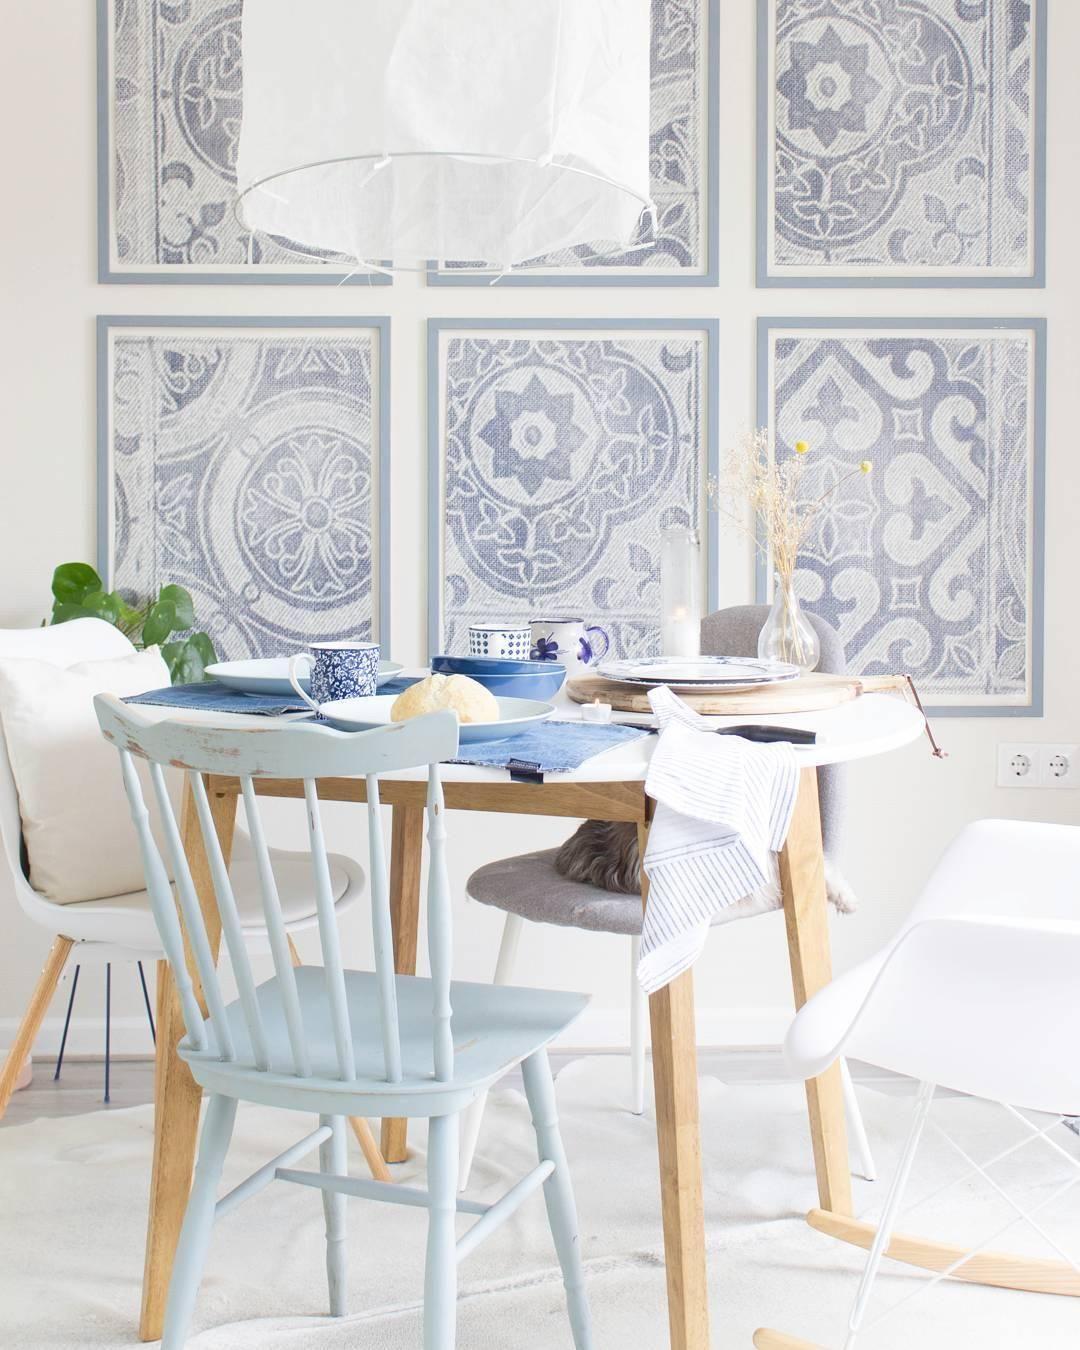 Stühle Lotta, 2 Stück | Esszimmer | Pinterest | Passende farben, Der ...